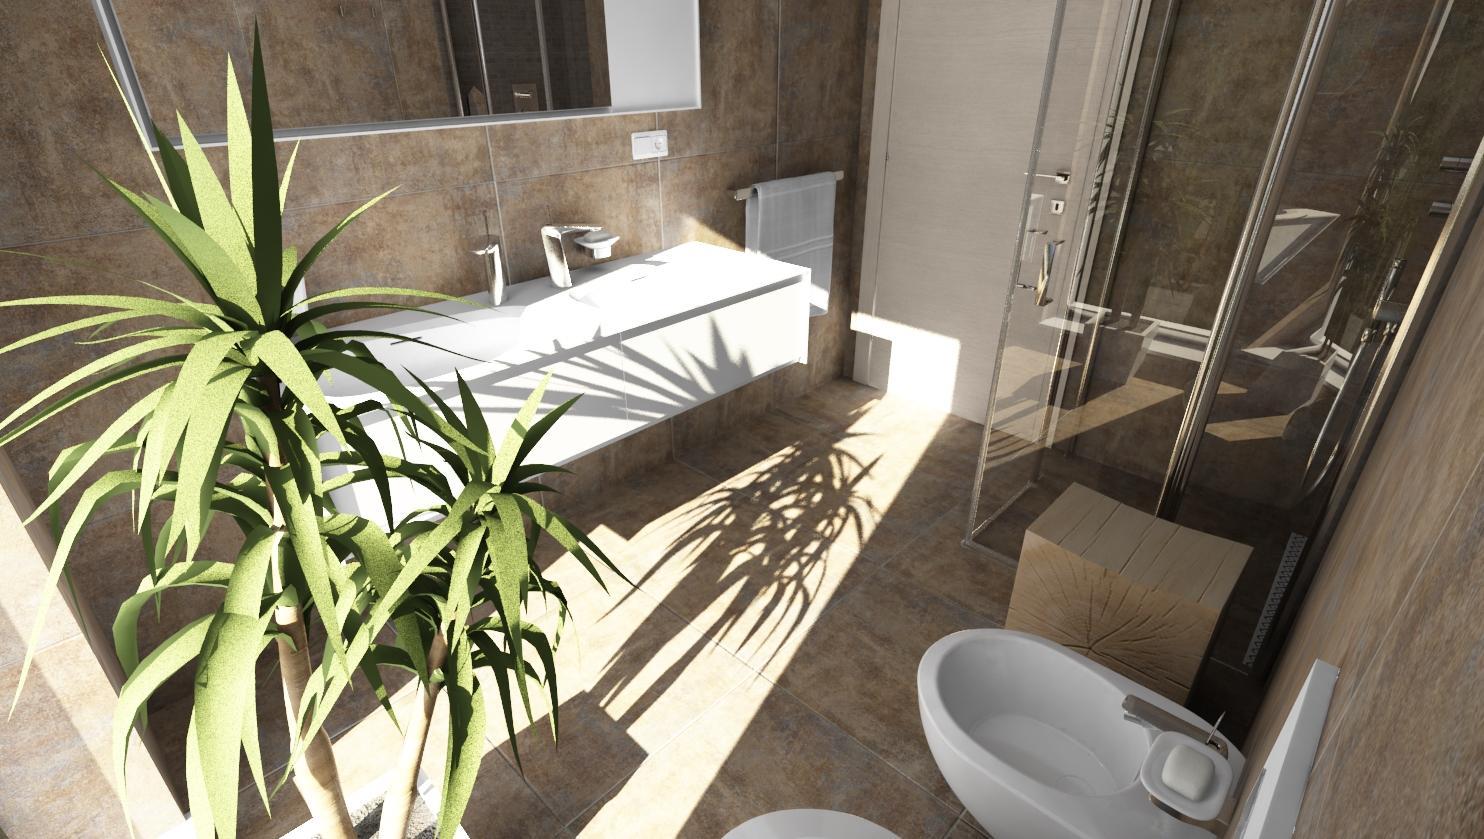 Vizualizácie kúpeľne - Vizualizácia kúpeľne Reaction 60x60